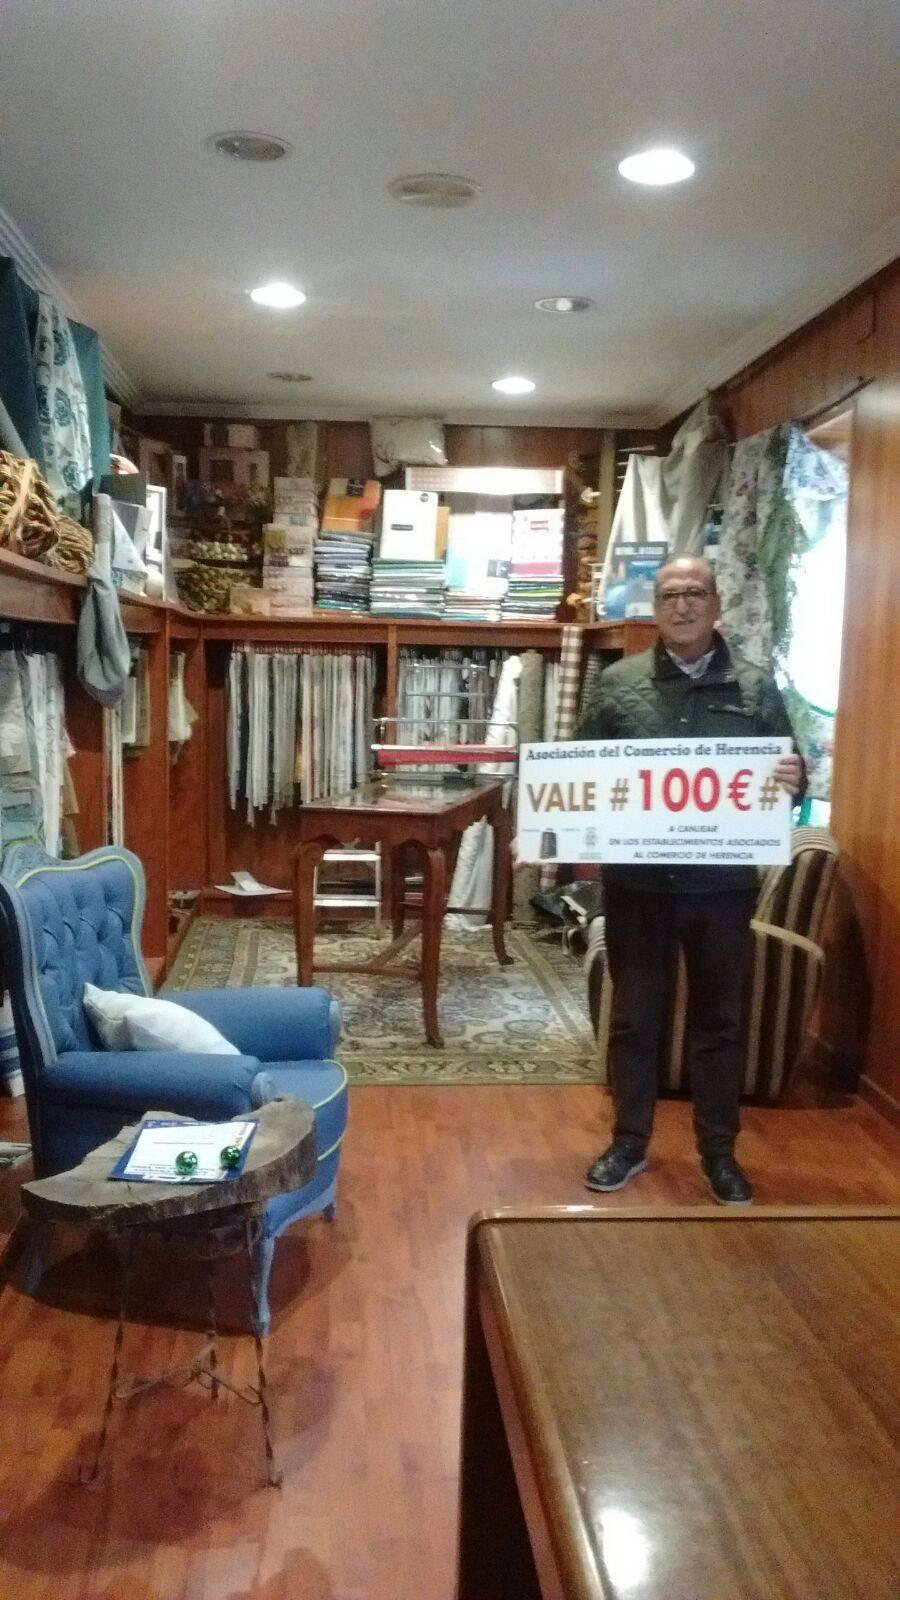 uno-de-los-ganadores-del-premio-de-100-euros-del-comercio-de-herencia